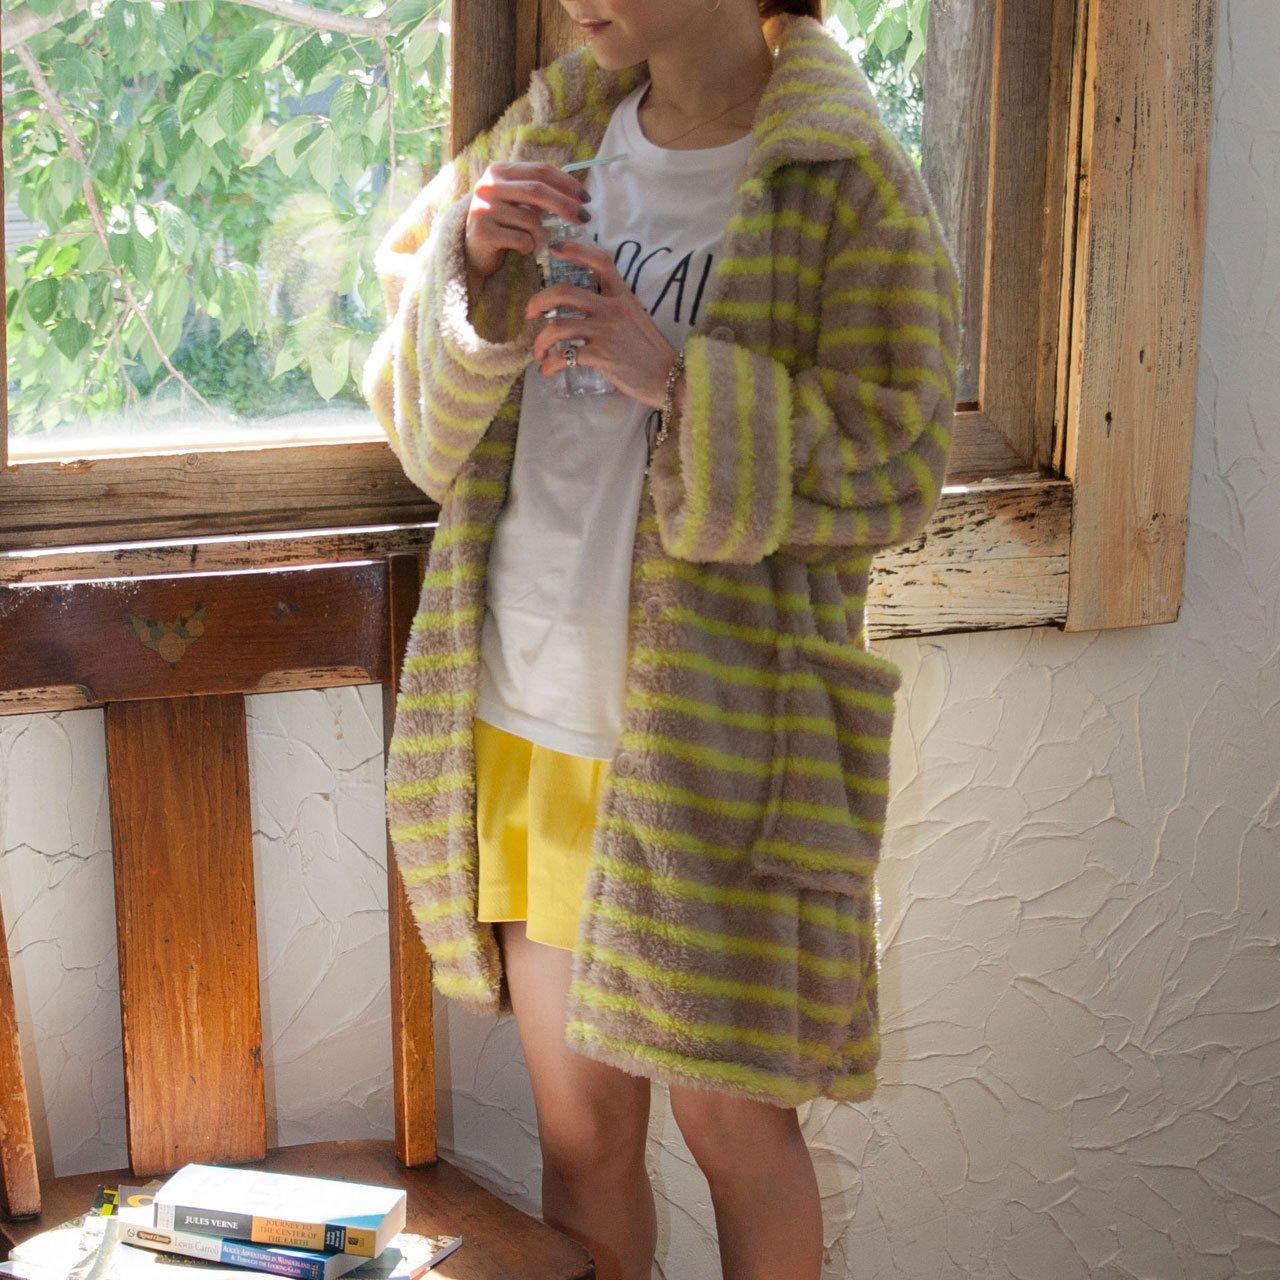 ライフエフ 毛布屋さんのつくった 着る毛布